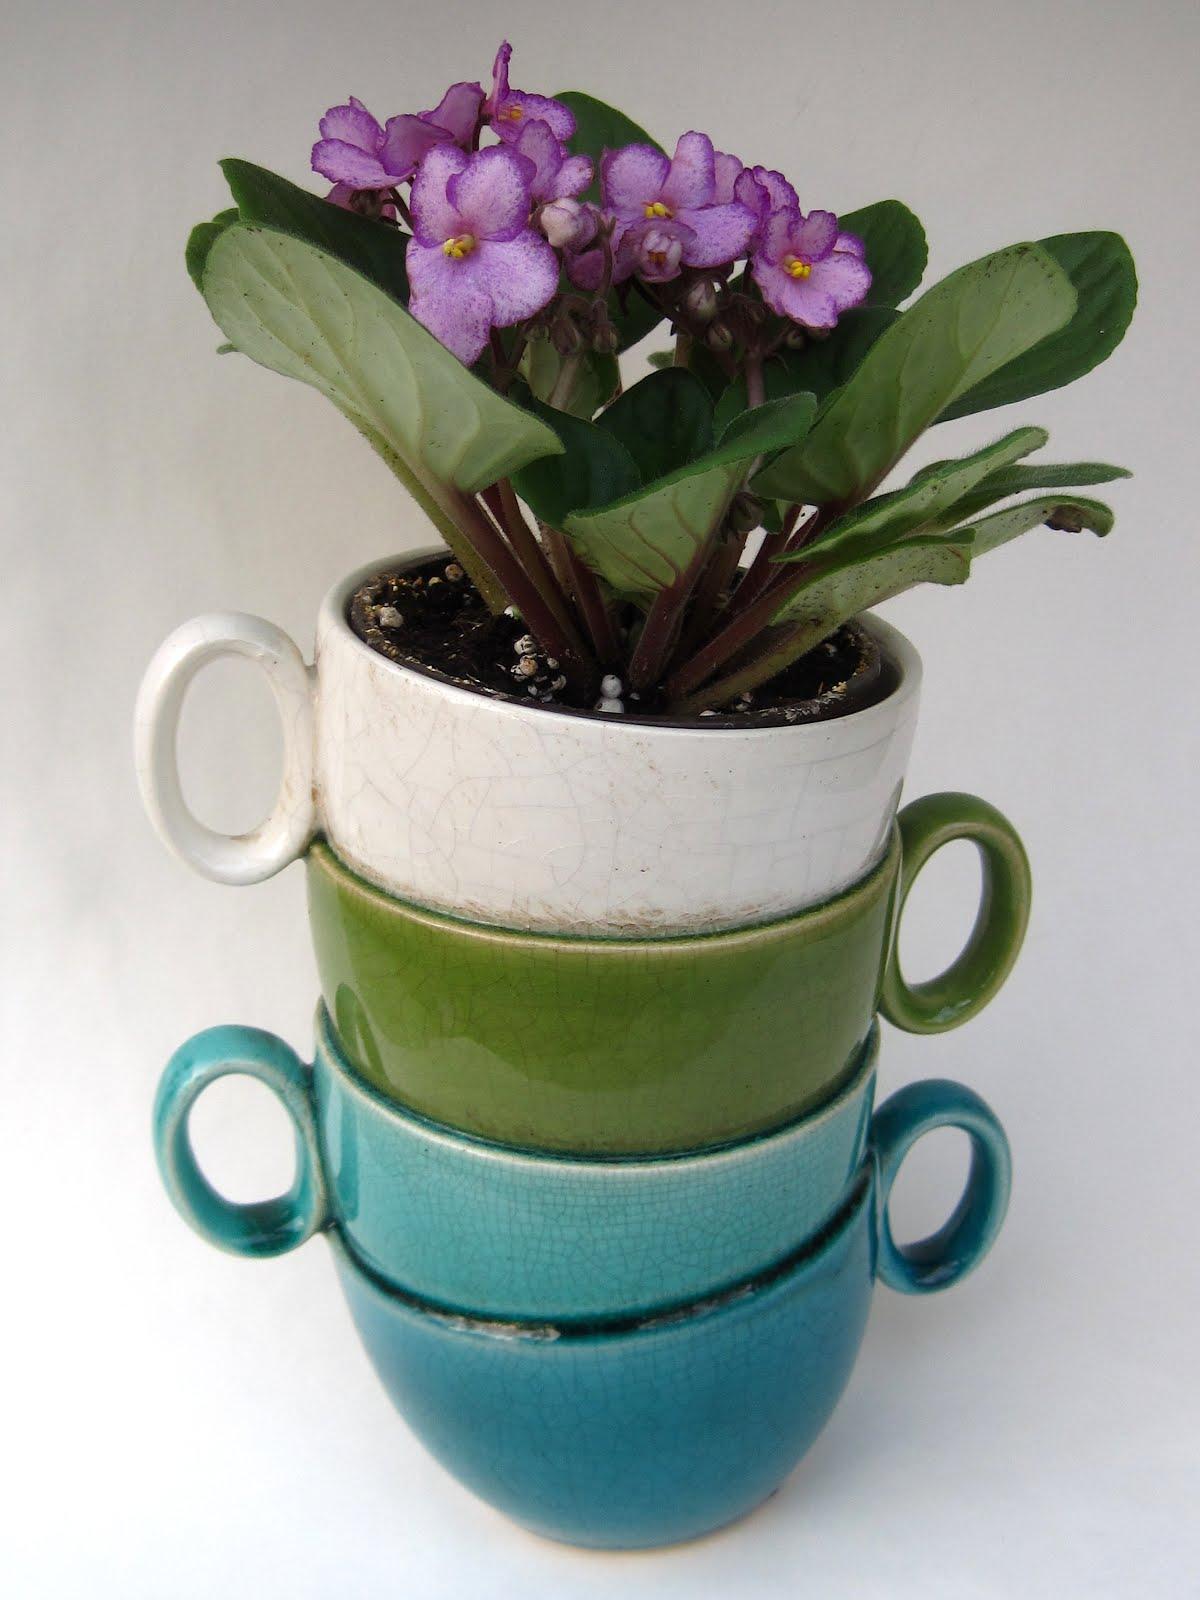 A teacup planter from Hobby Lobby - Tea With Friends: A Teacup Planter From Hobby Lobby